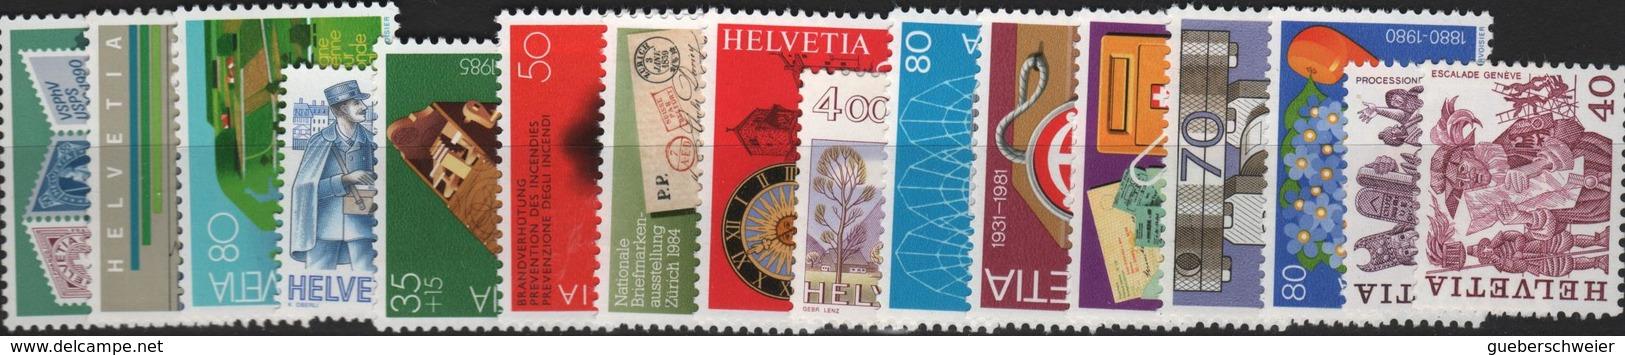 Lot De Timbres De Suisse Neufs** Avec Séries Complètes, Blocs De 4 Et Coins Datés à - 40% De La Faciale - Suisse